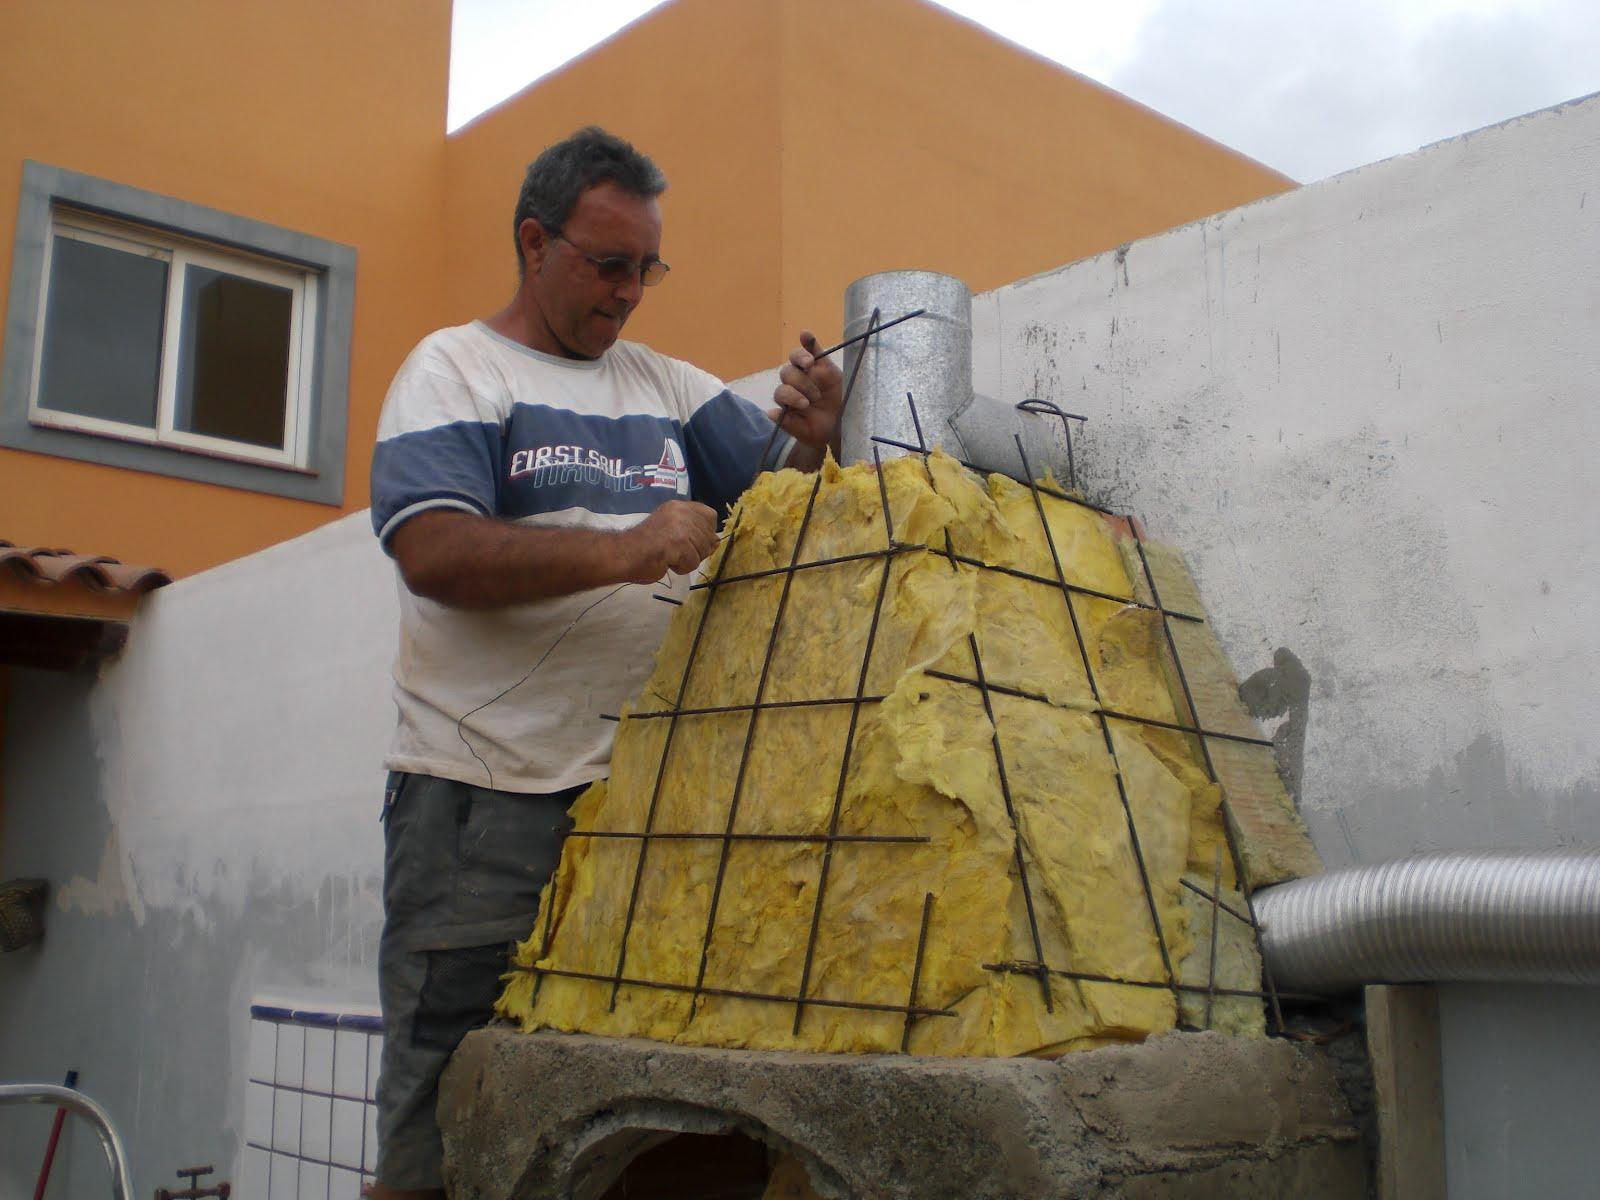 Pinturas pedro rguez lvarez barbacoa y horno de le a - Chimenea para barbacoa ...